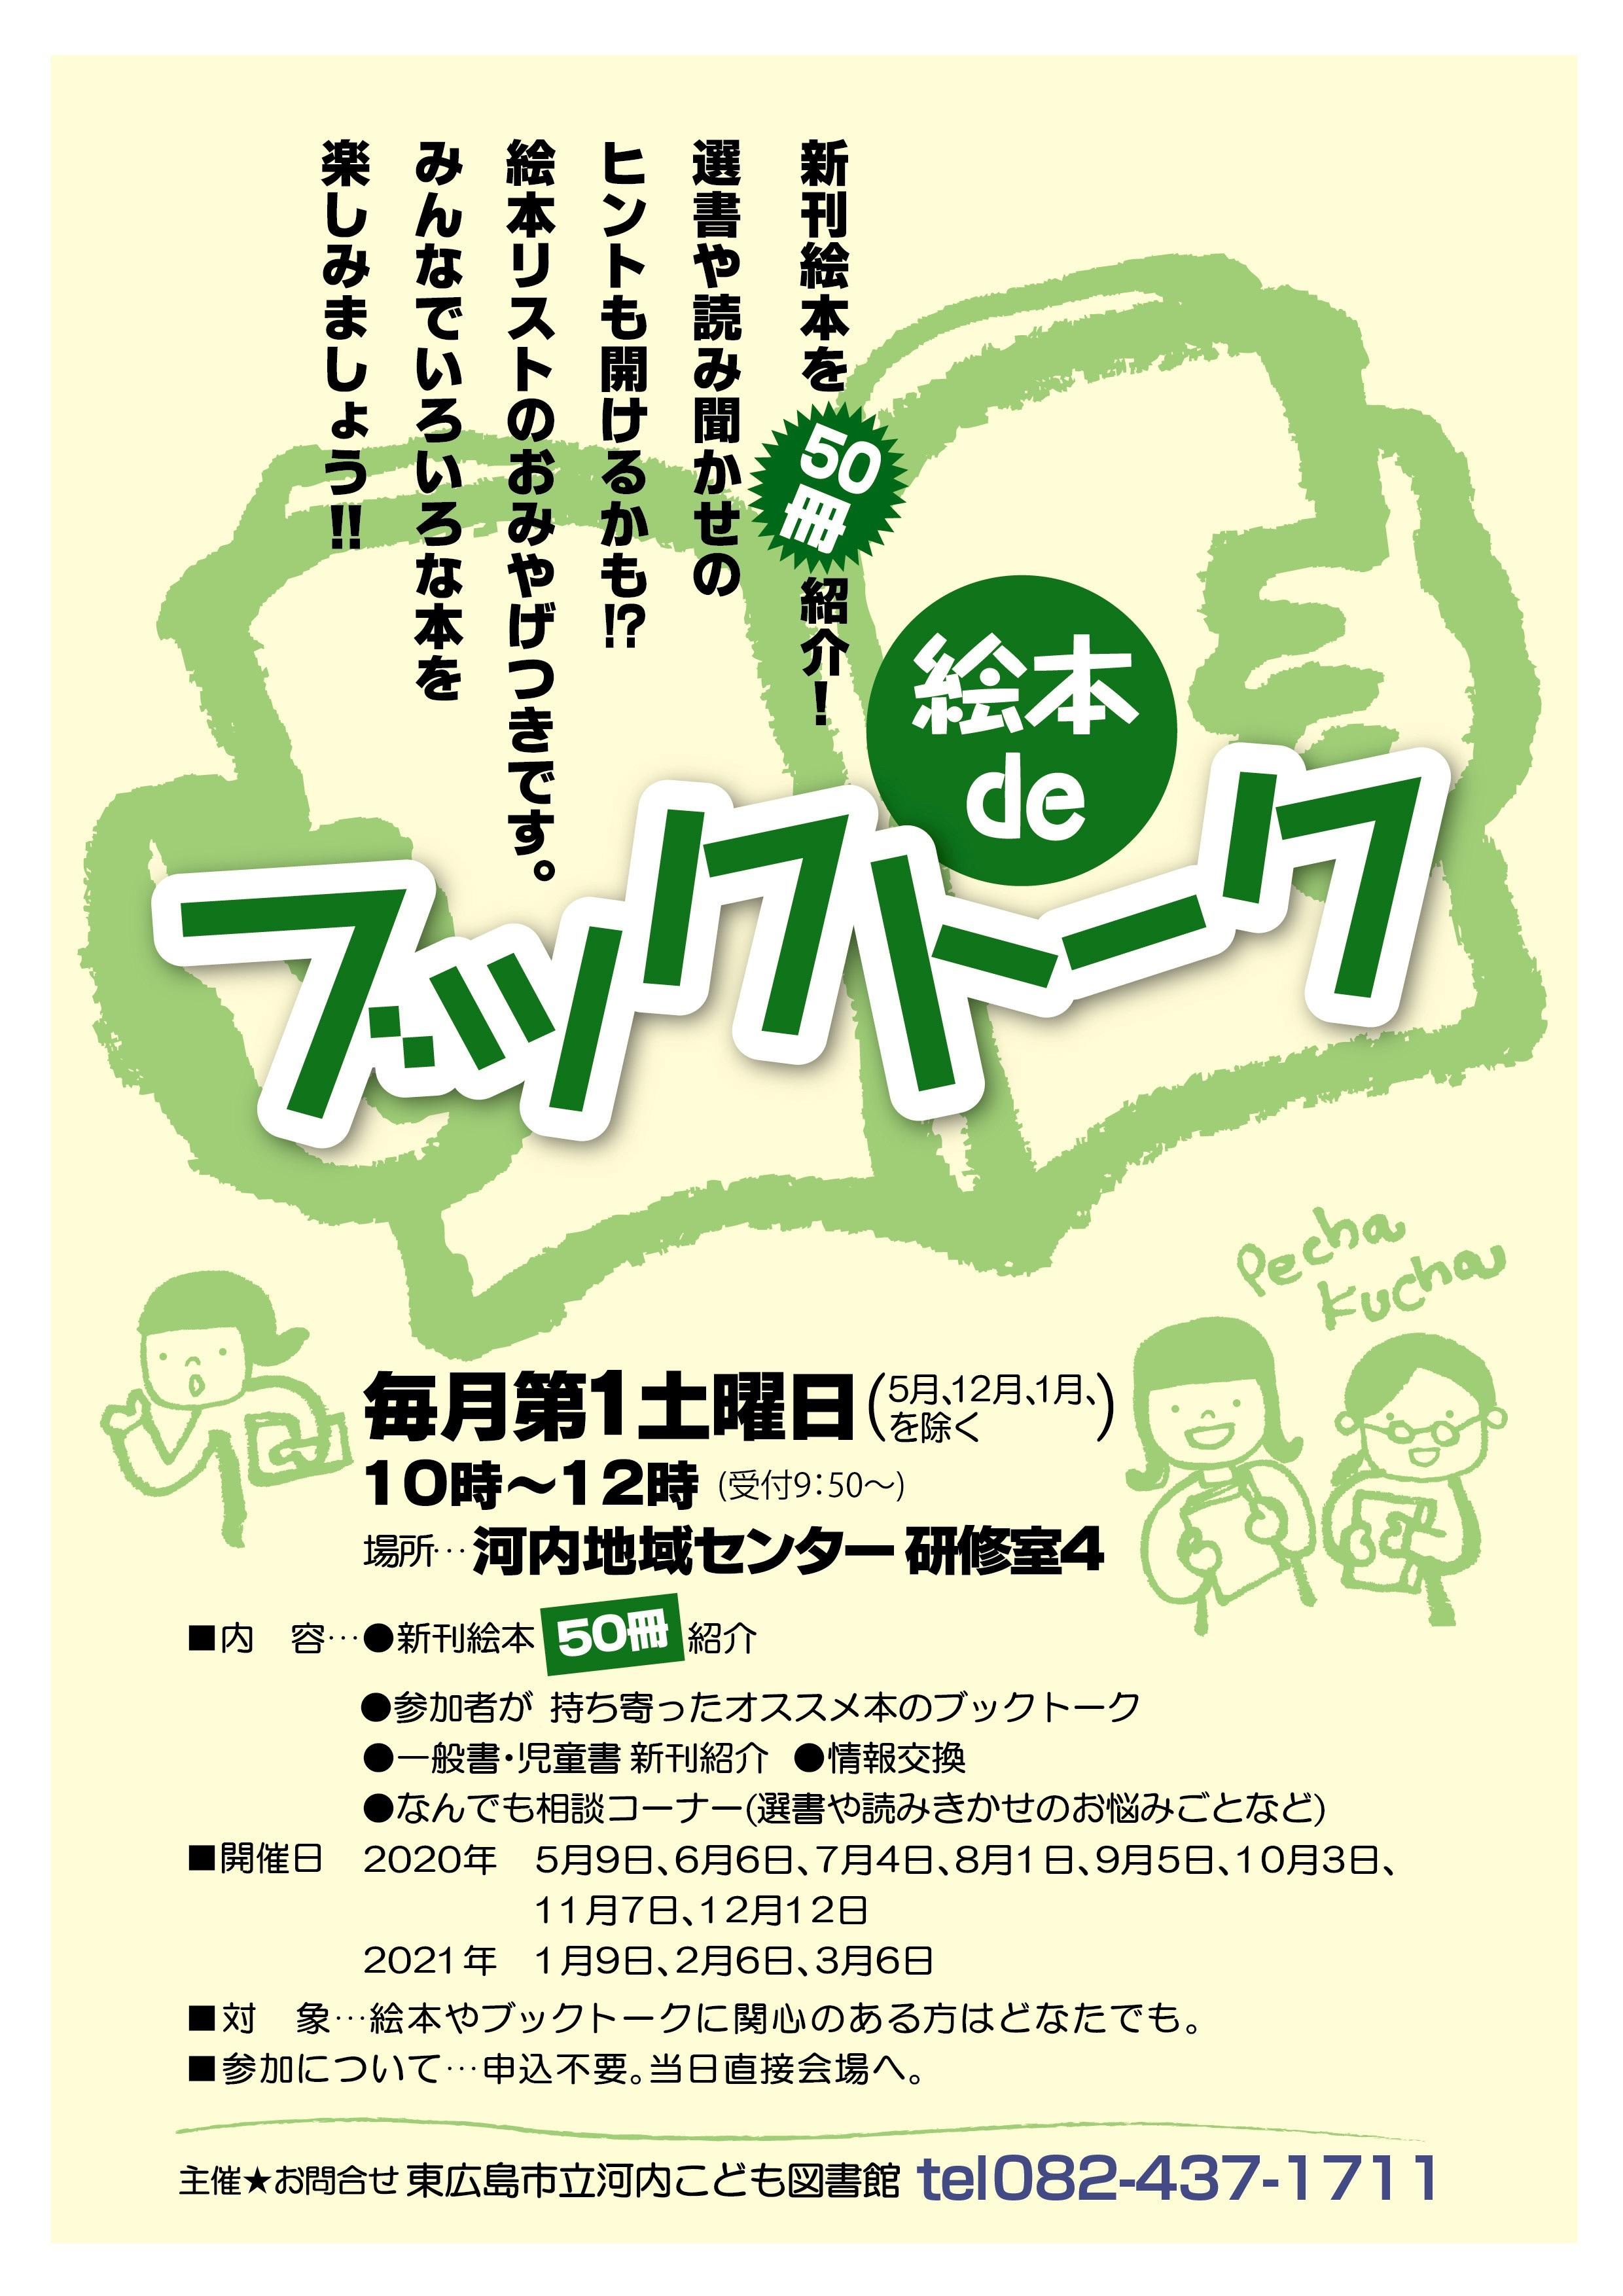 絵本deブックトーク 3月6日(土)